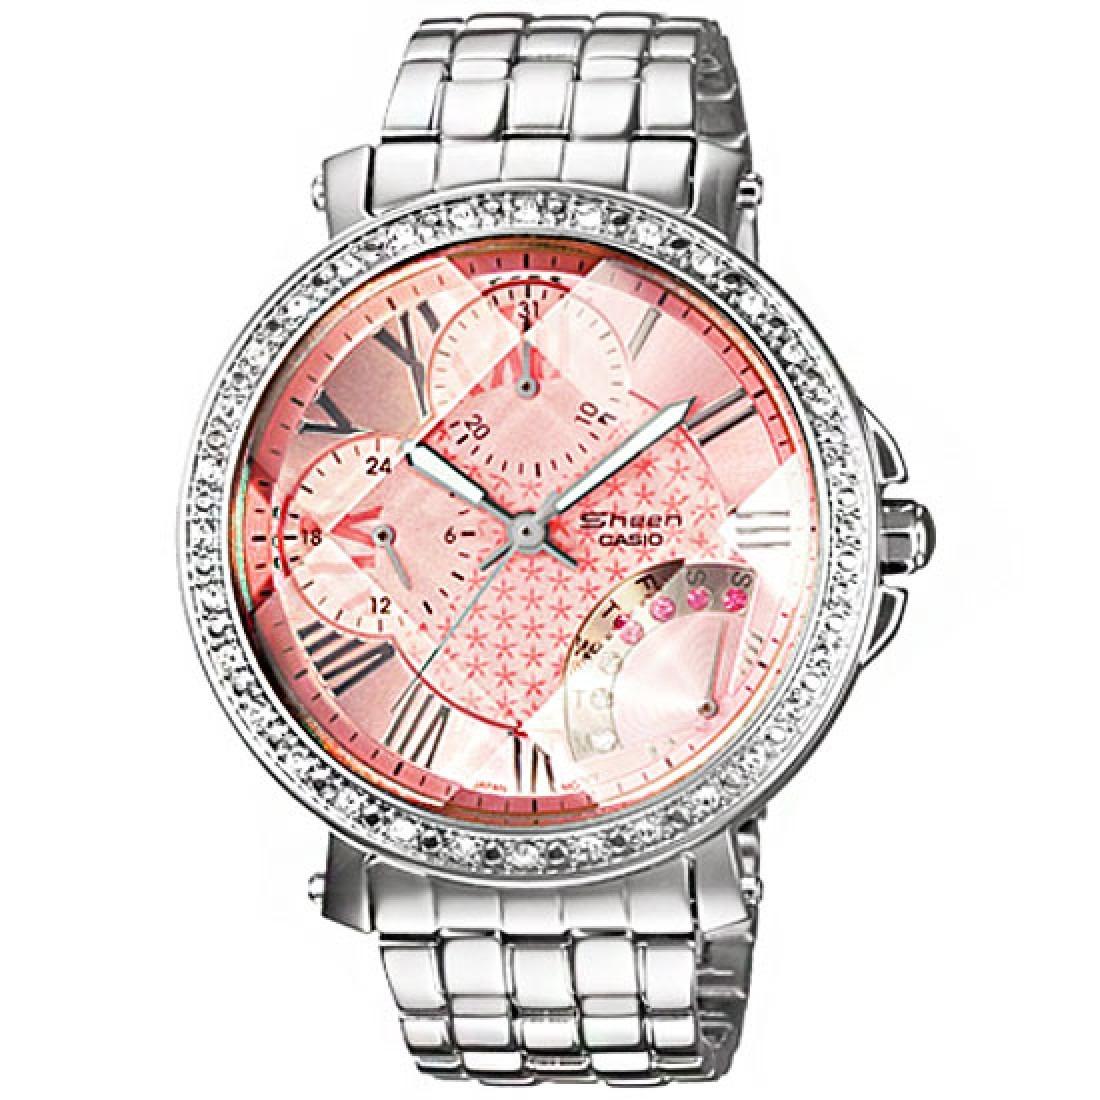 19004d4238a1 reloj casio edifice mujer shn-3011d-4a envío internacional. Cargando zoom.